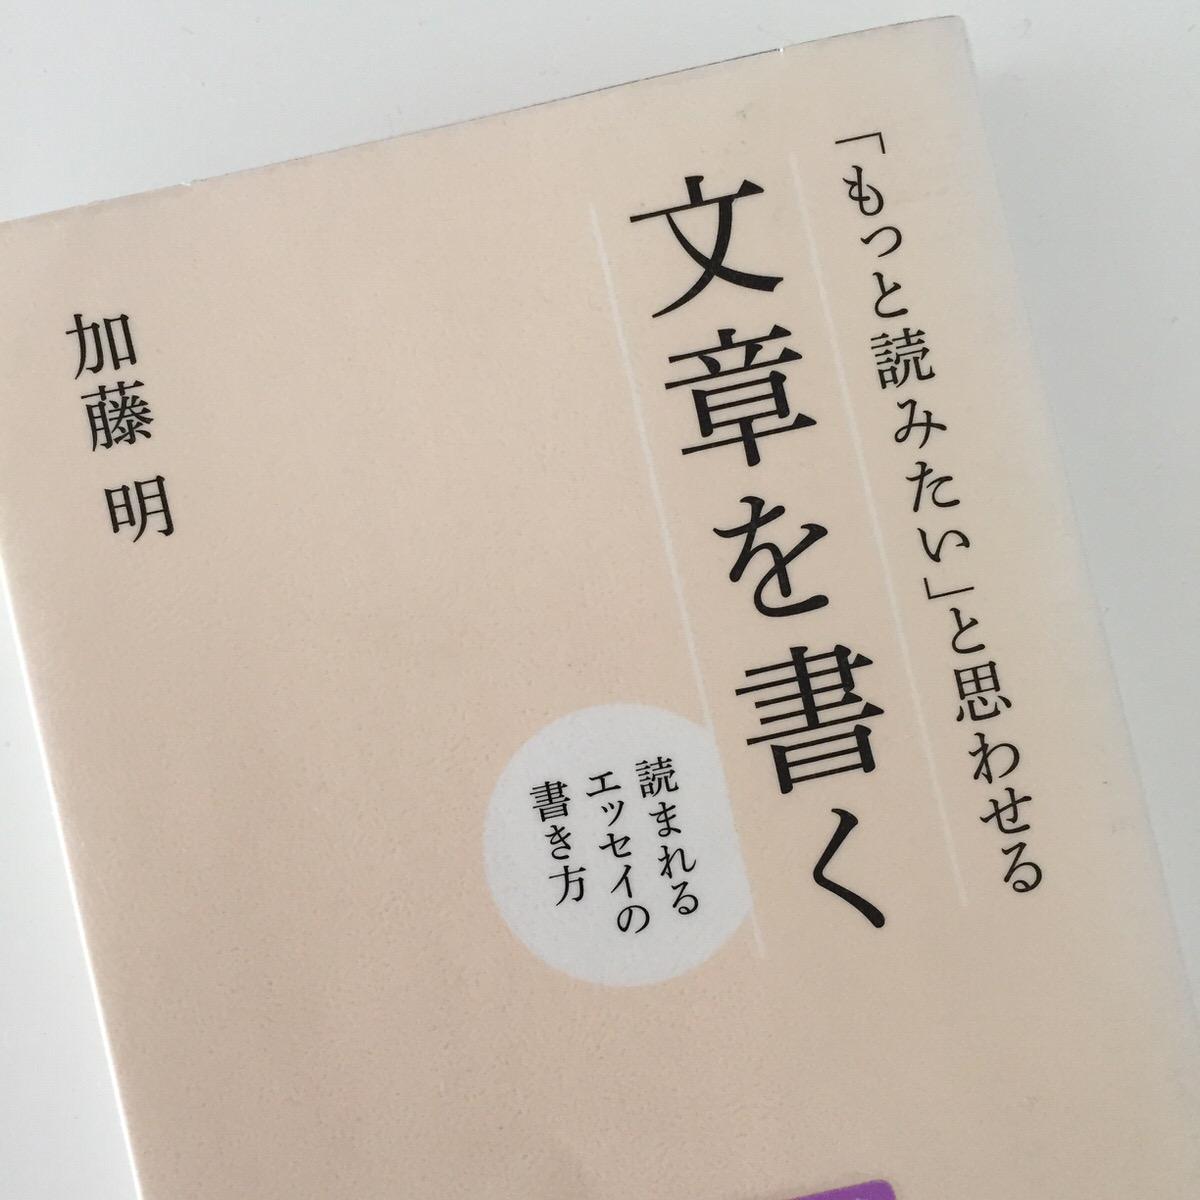 【書評】「もっと読みたい」と思わせる文章を書く (加藤明さん:著) 文章に大切な3つの要素とは?